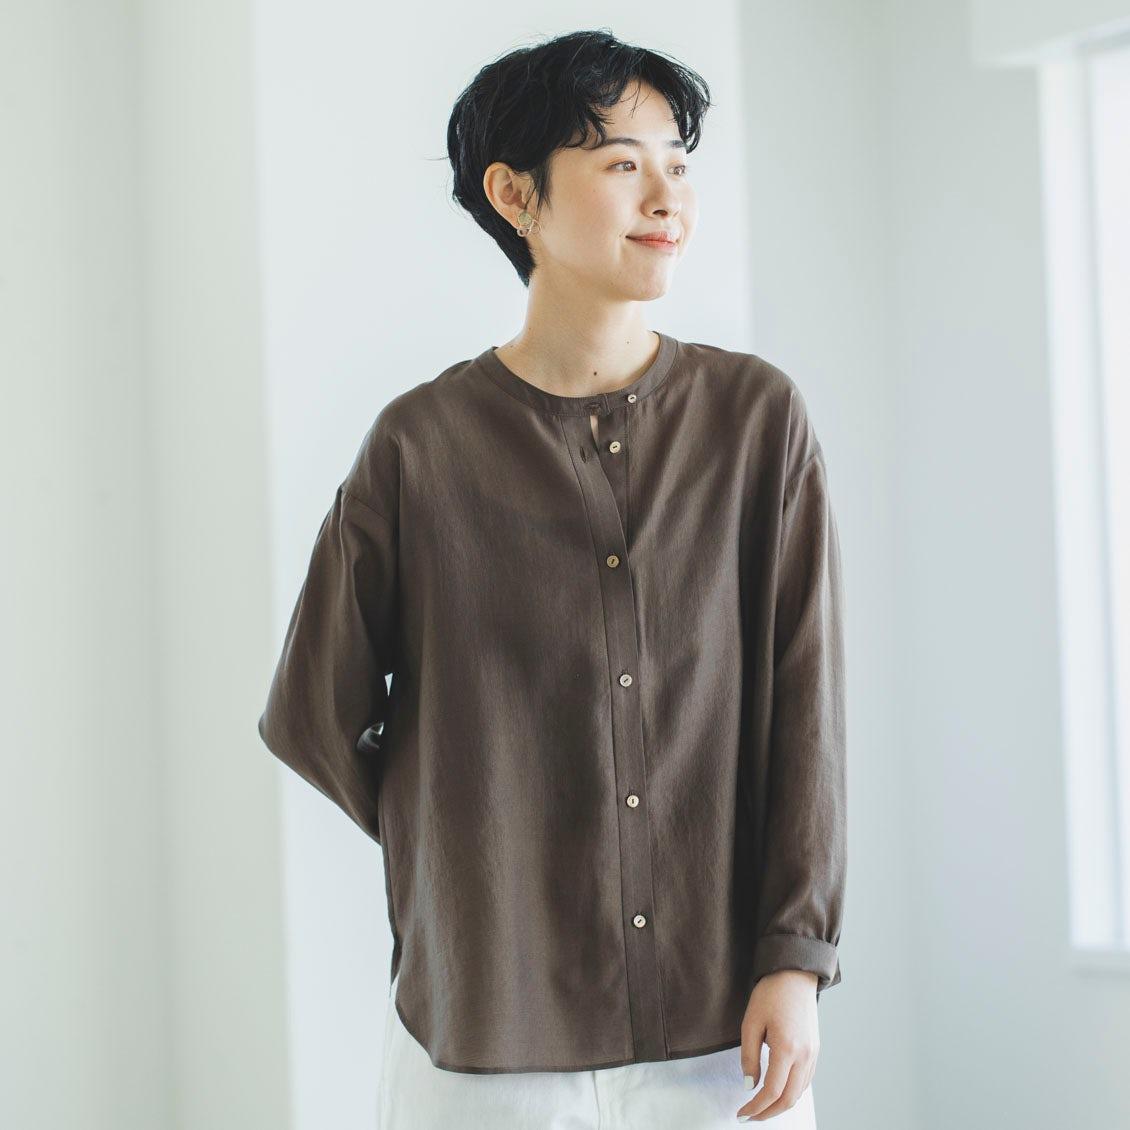 シアー素材の特別なシャツ